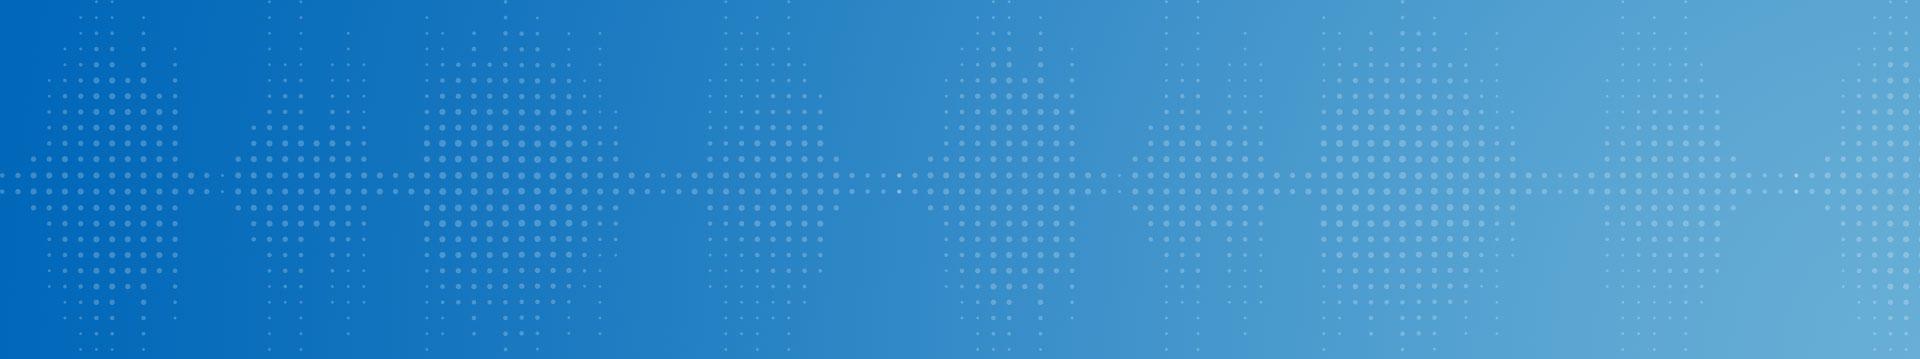 Fond bleu avec dégradé et points